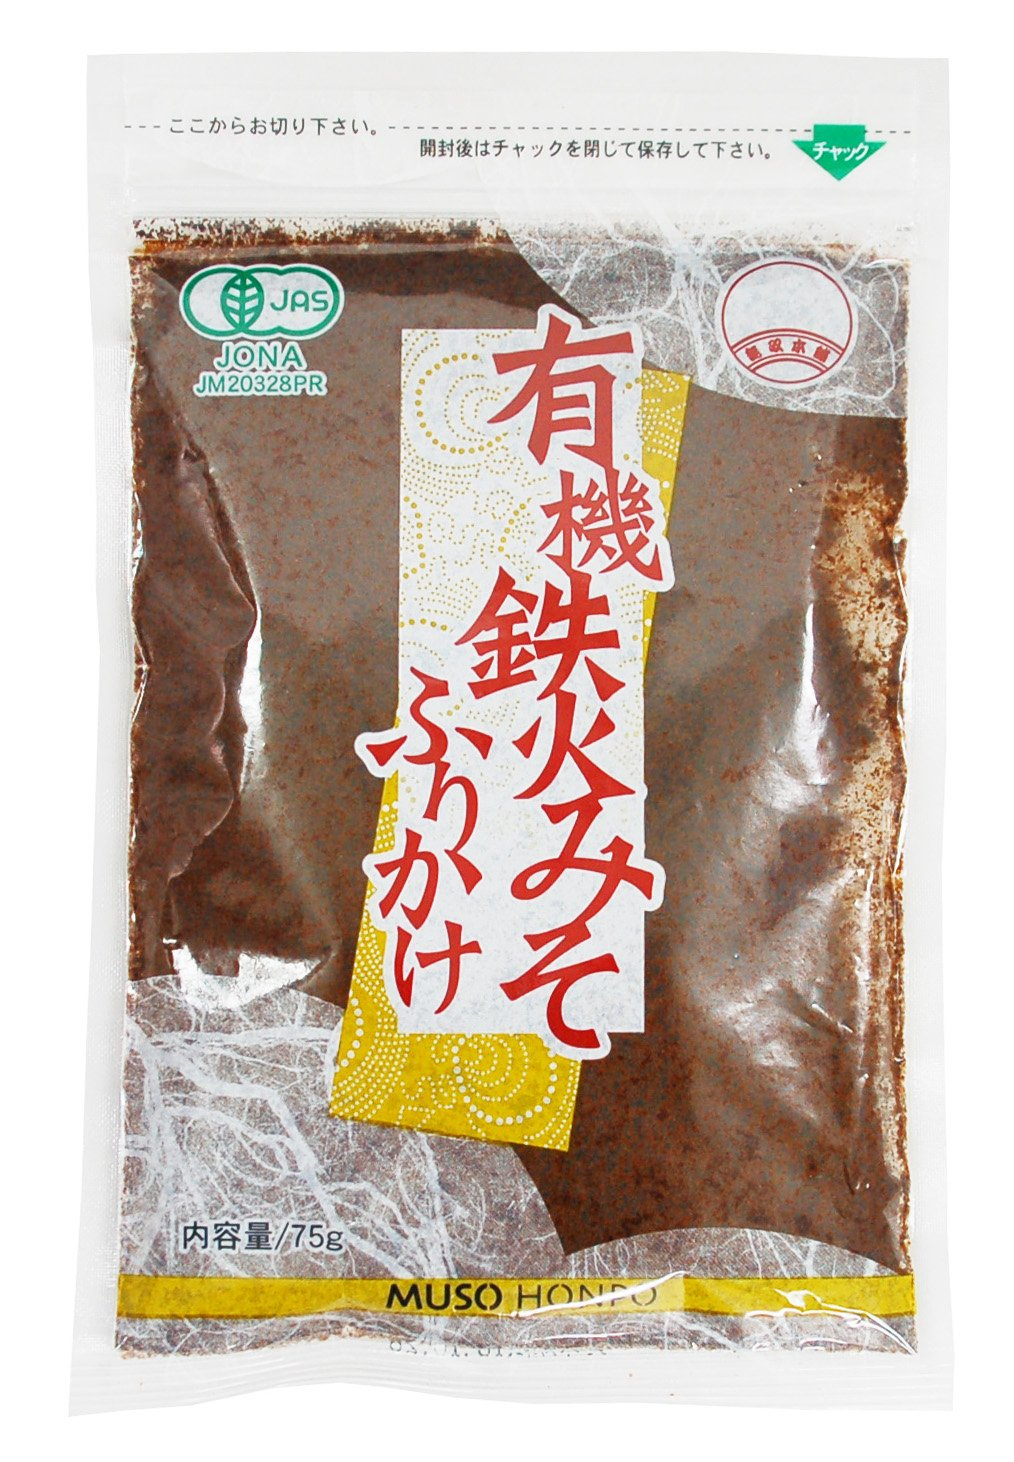 Muso Honpo organic Tekka sprinkled-bag 75g